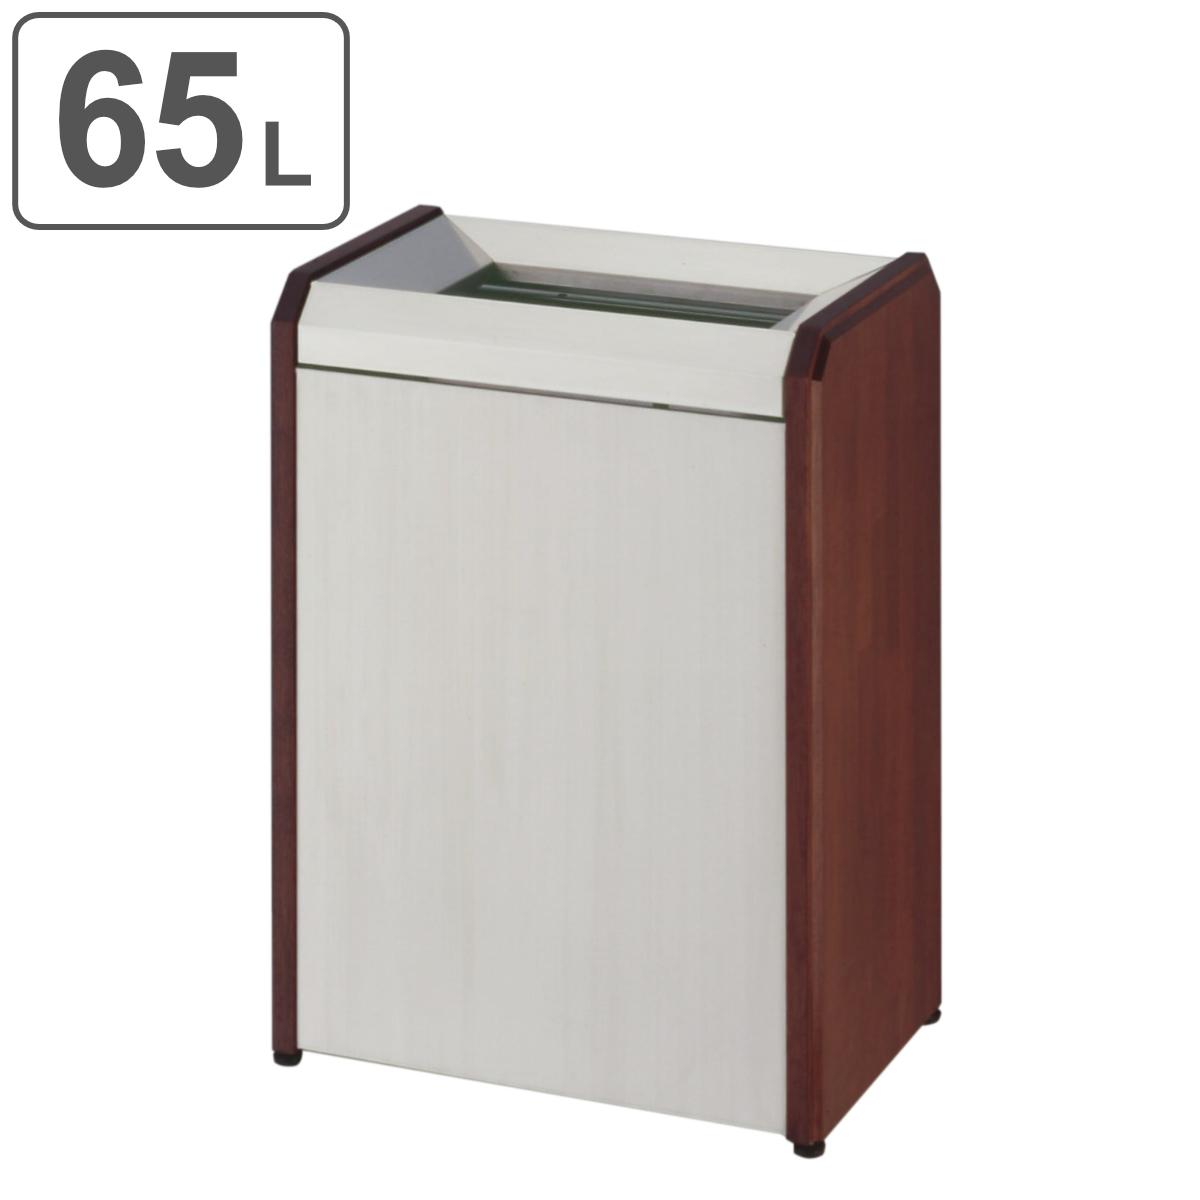 業務用ゴミ箱 屋内用 クリンダスト ステンレス/木製側板 65L ( 送料無料 ダストボックス ごみ箱 くず入れ )